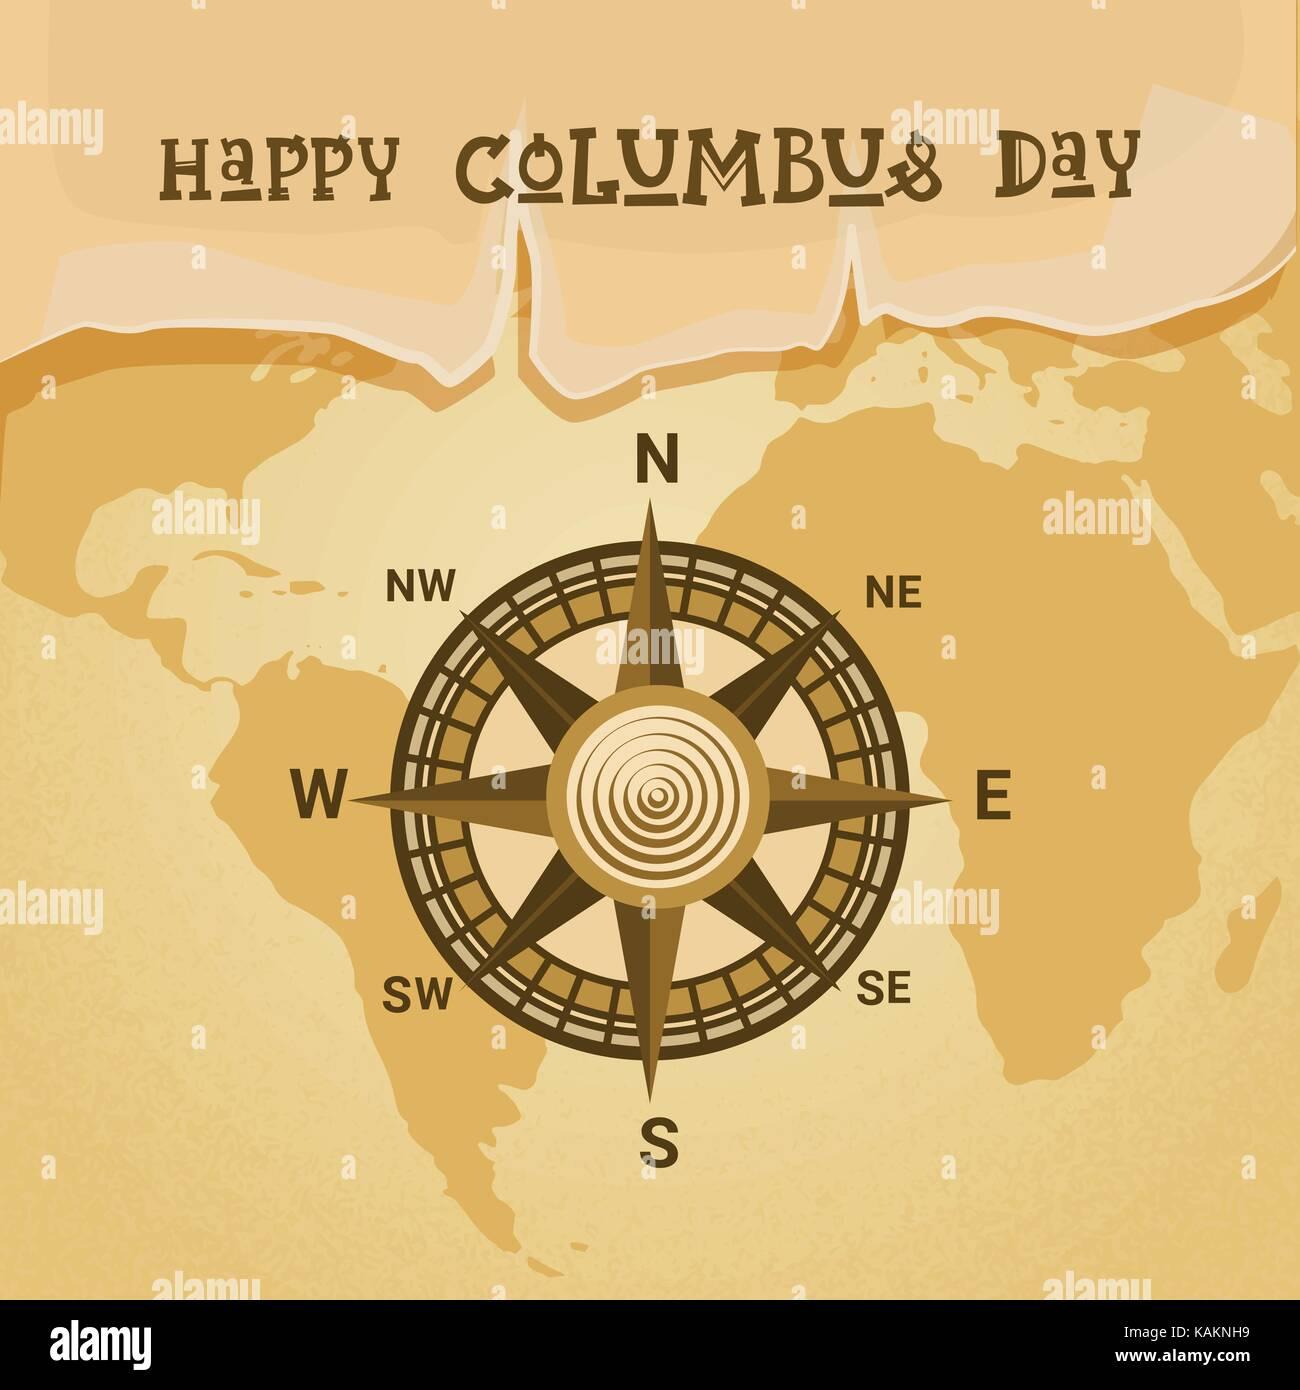 Columbus Day World Map Compass Stock Photos Columbus Day World - Usa map with compass